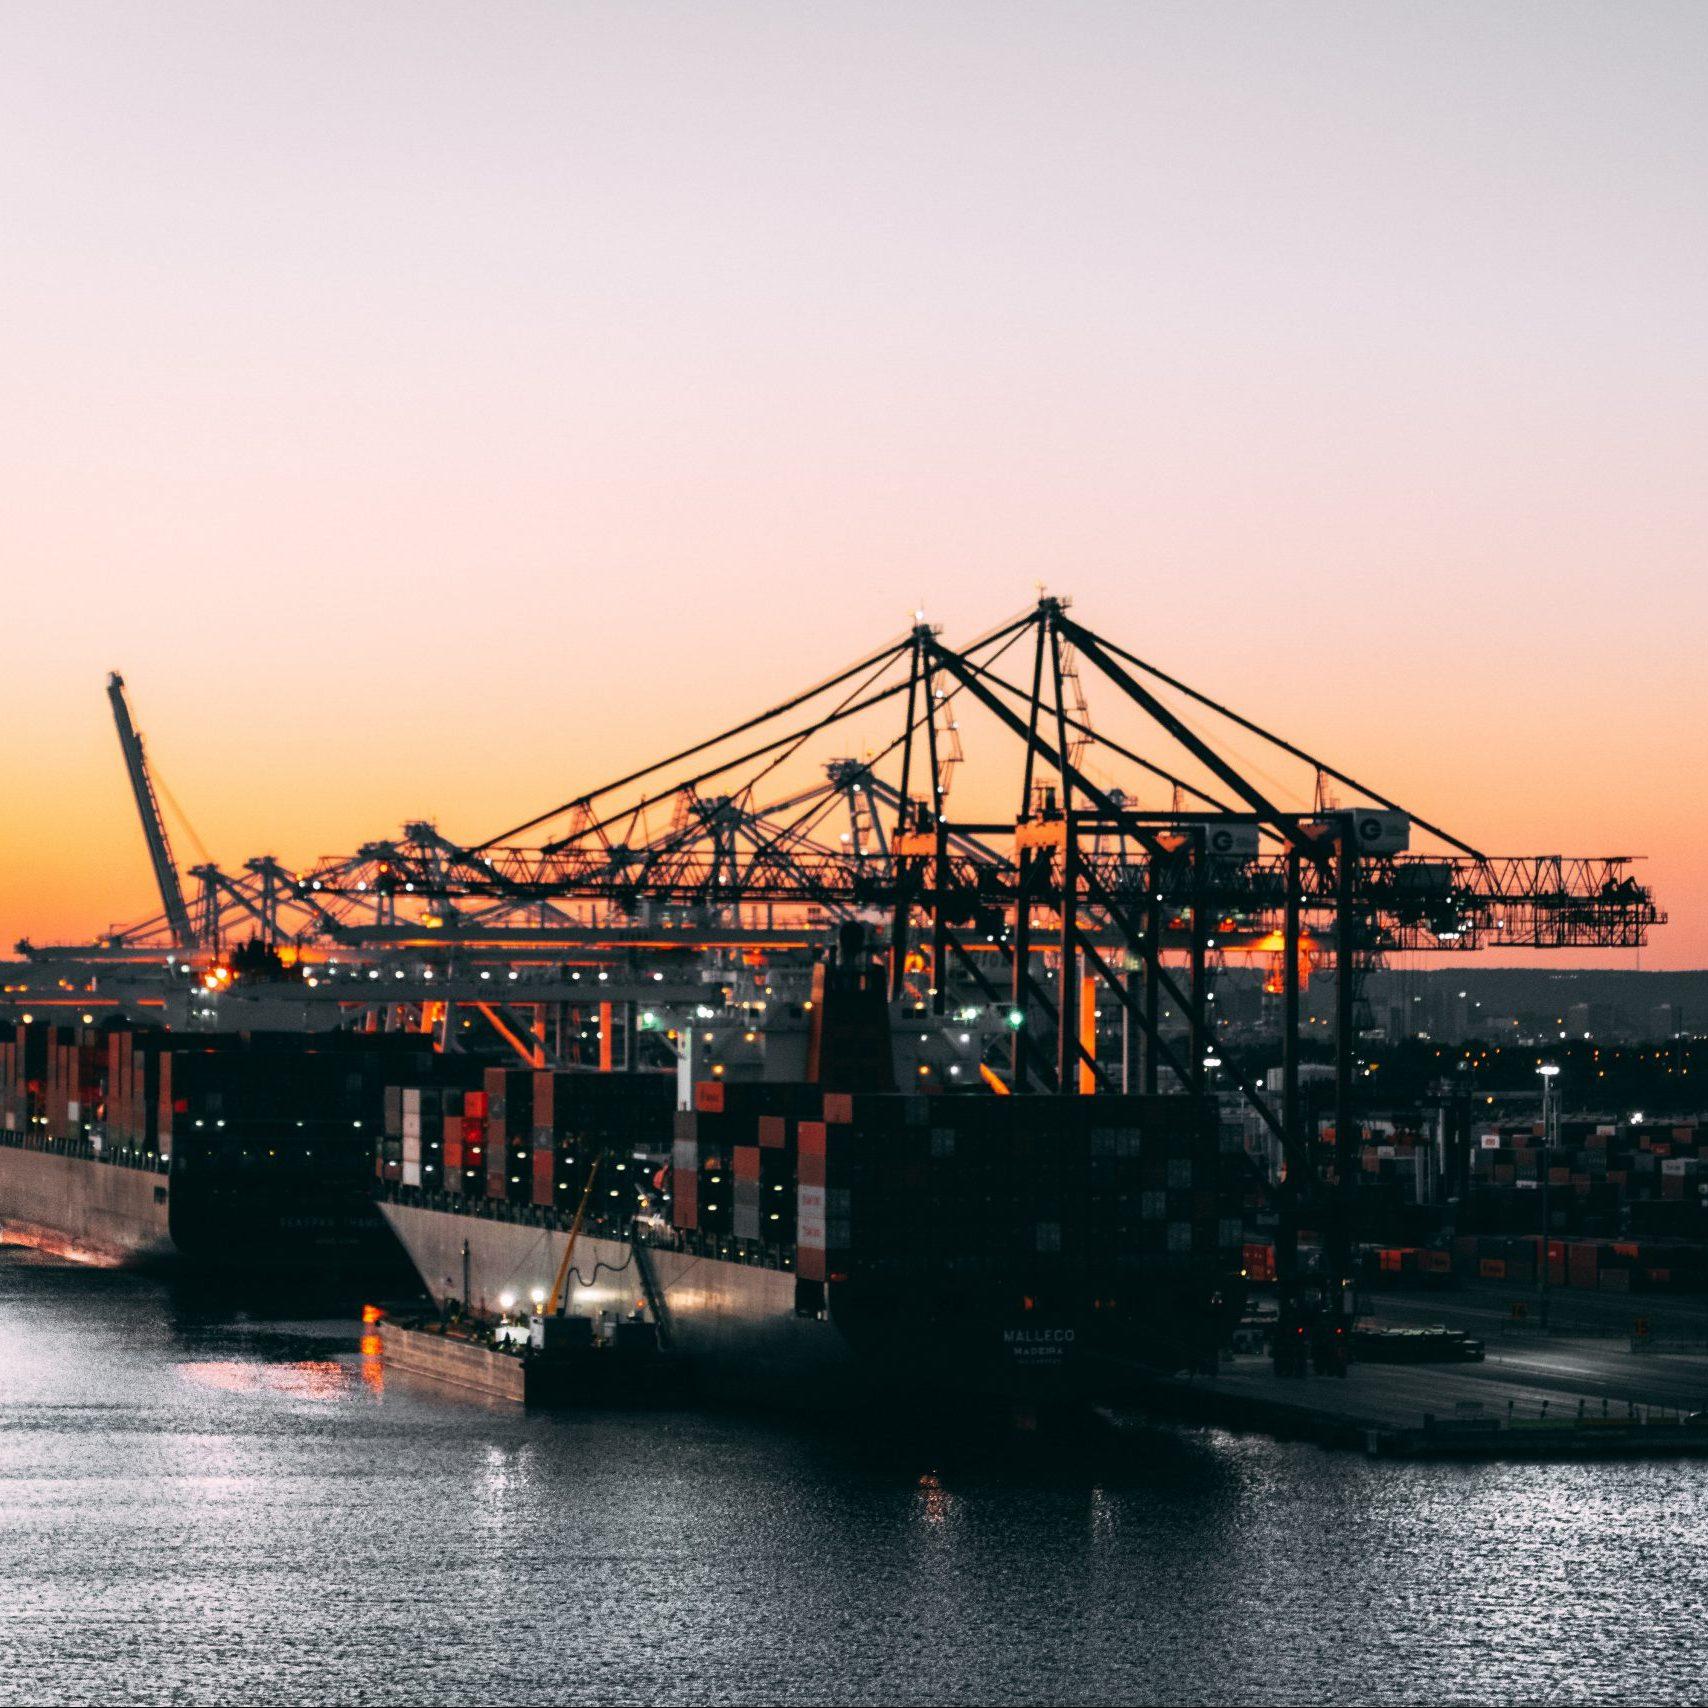 Venta judicial de buques por Autoridades Portuarias